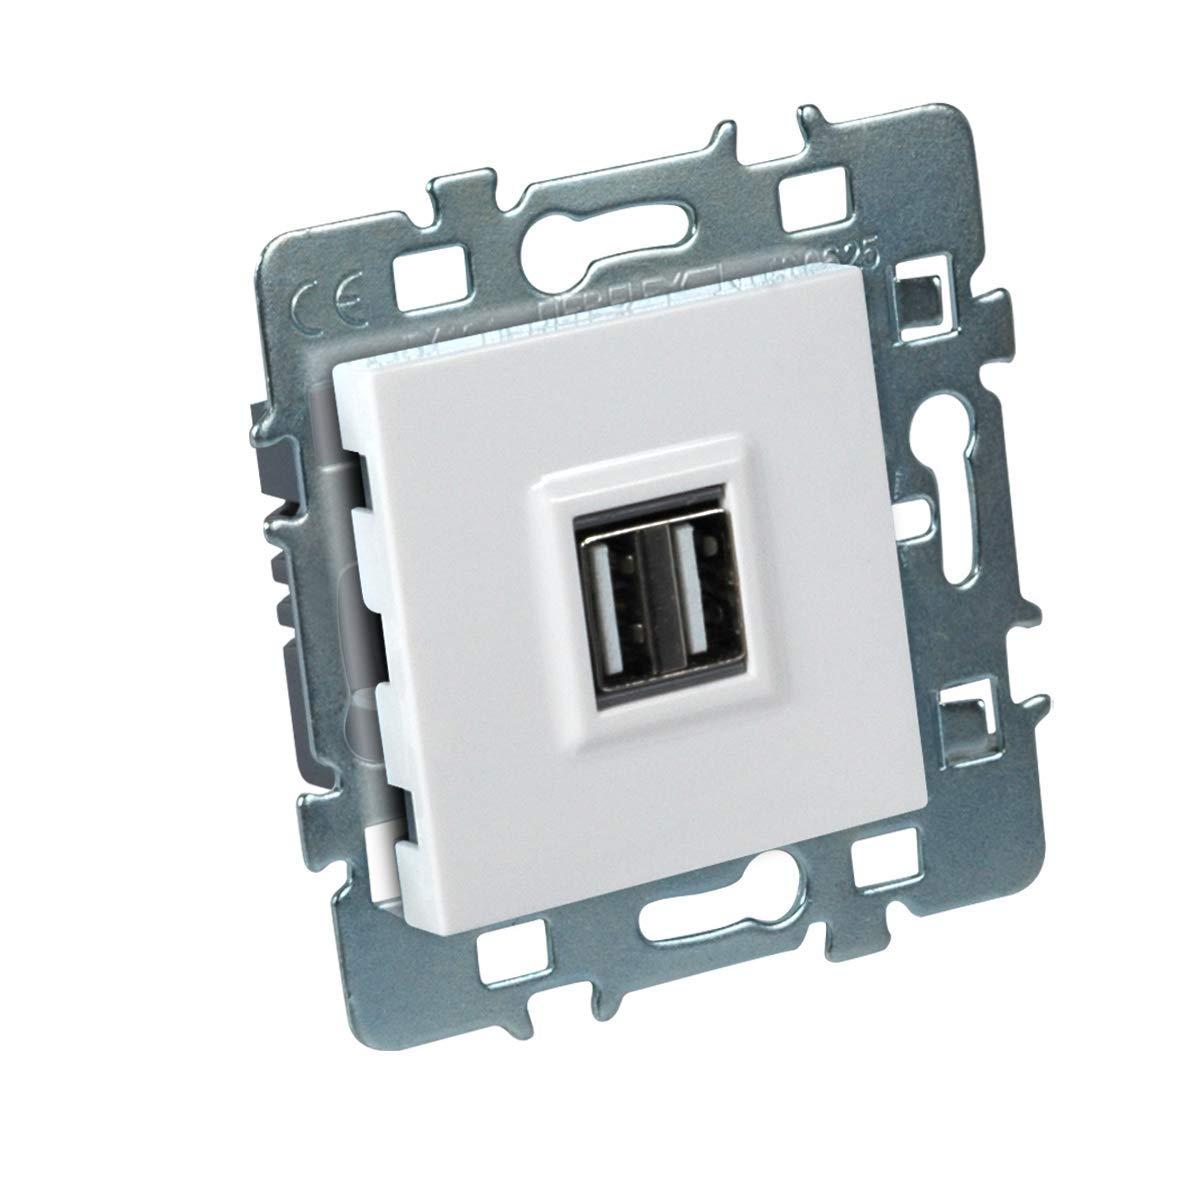 DEBFLEX Casual M/écanisme USB Double 2.1A Support m/étal Cache Blanc